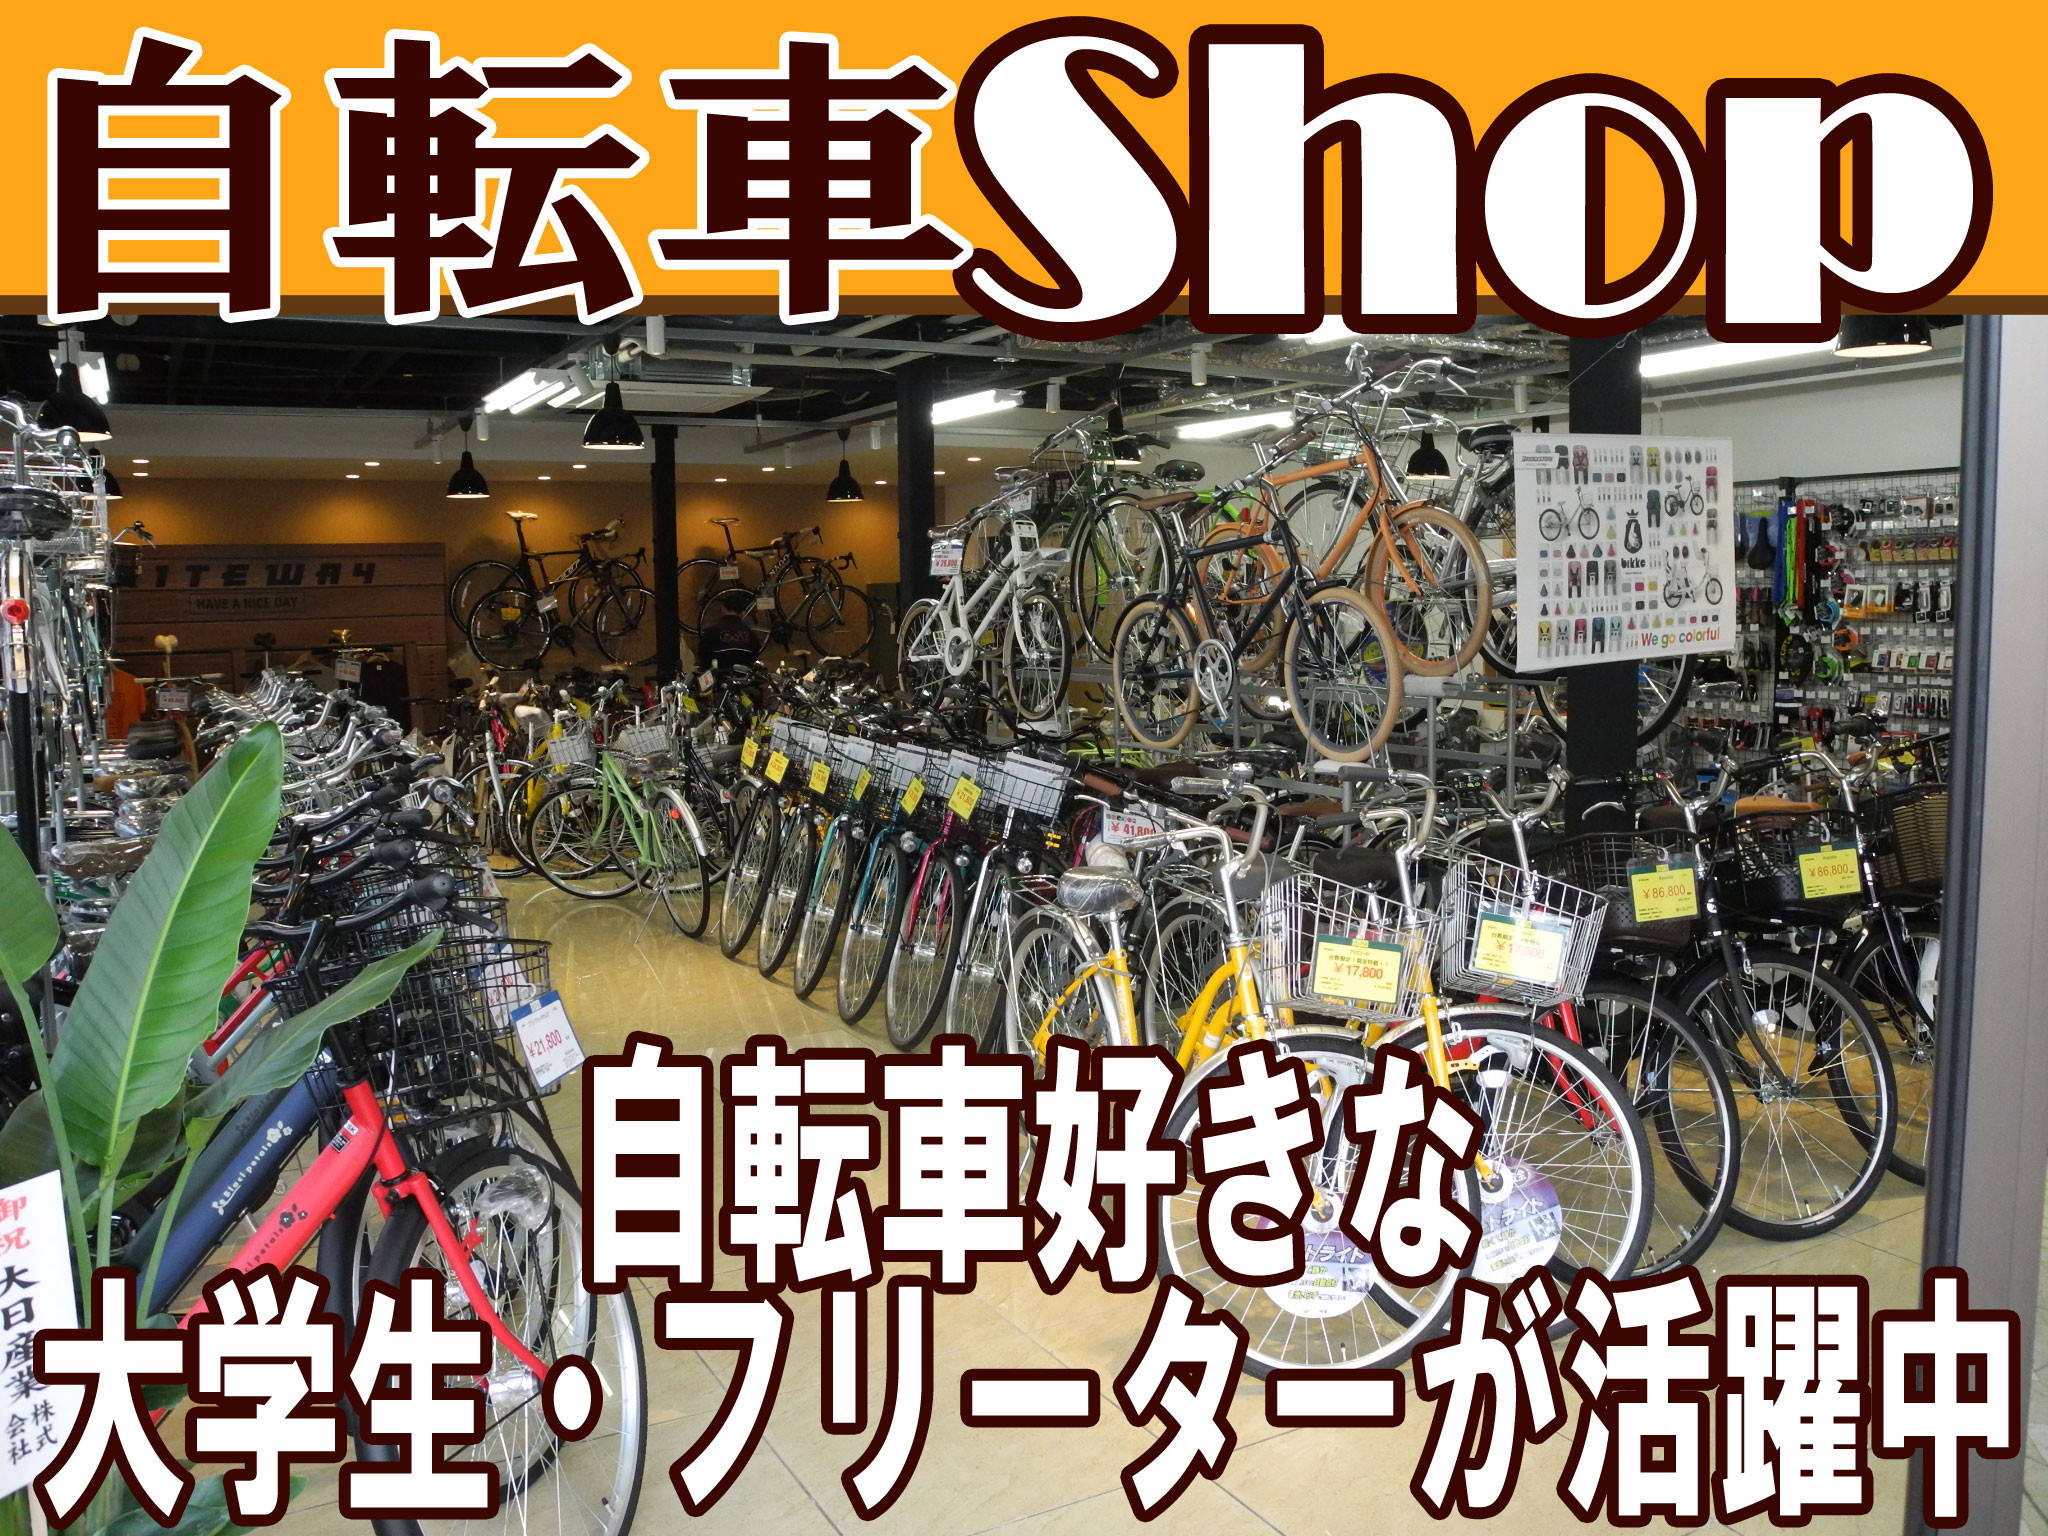 自転車のきゅうべえ 二条店 のアルバイト情報